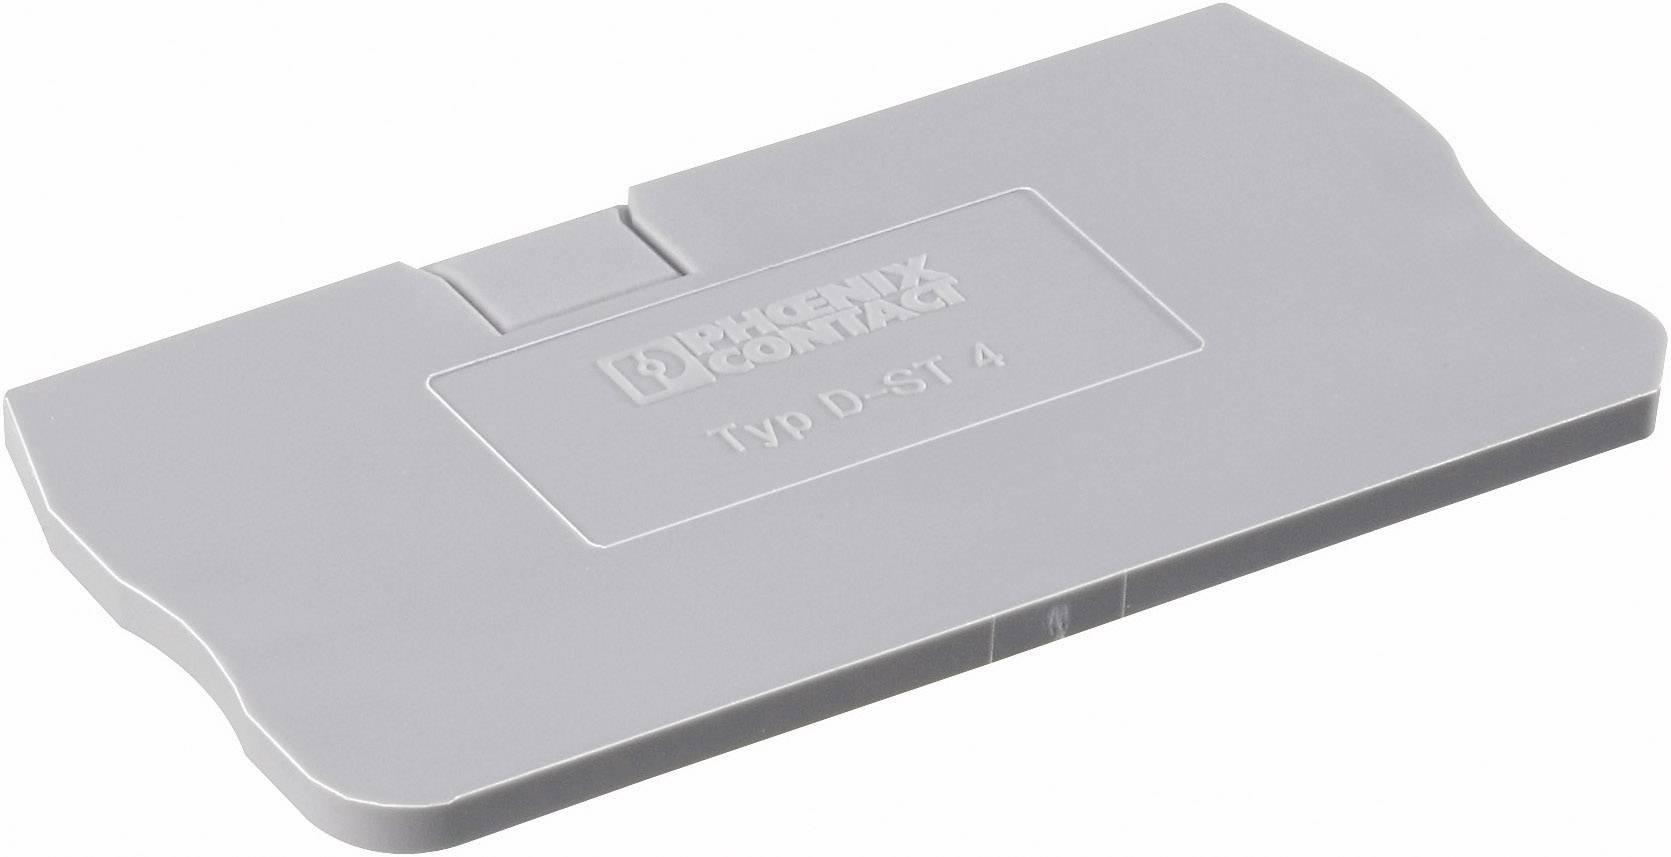 Zakončovací kryt Phoenix Contact D-ST 4 (3030420), pistolová šedá